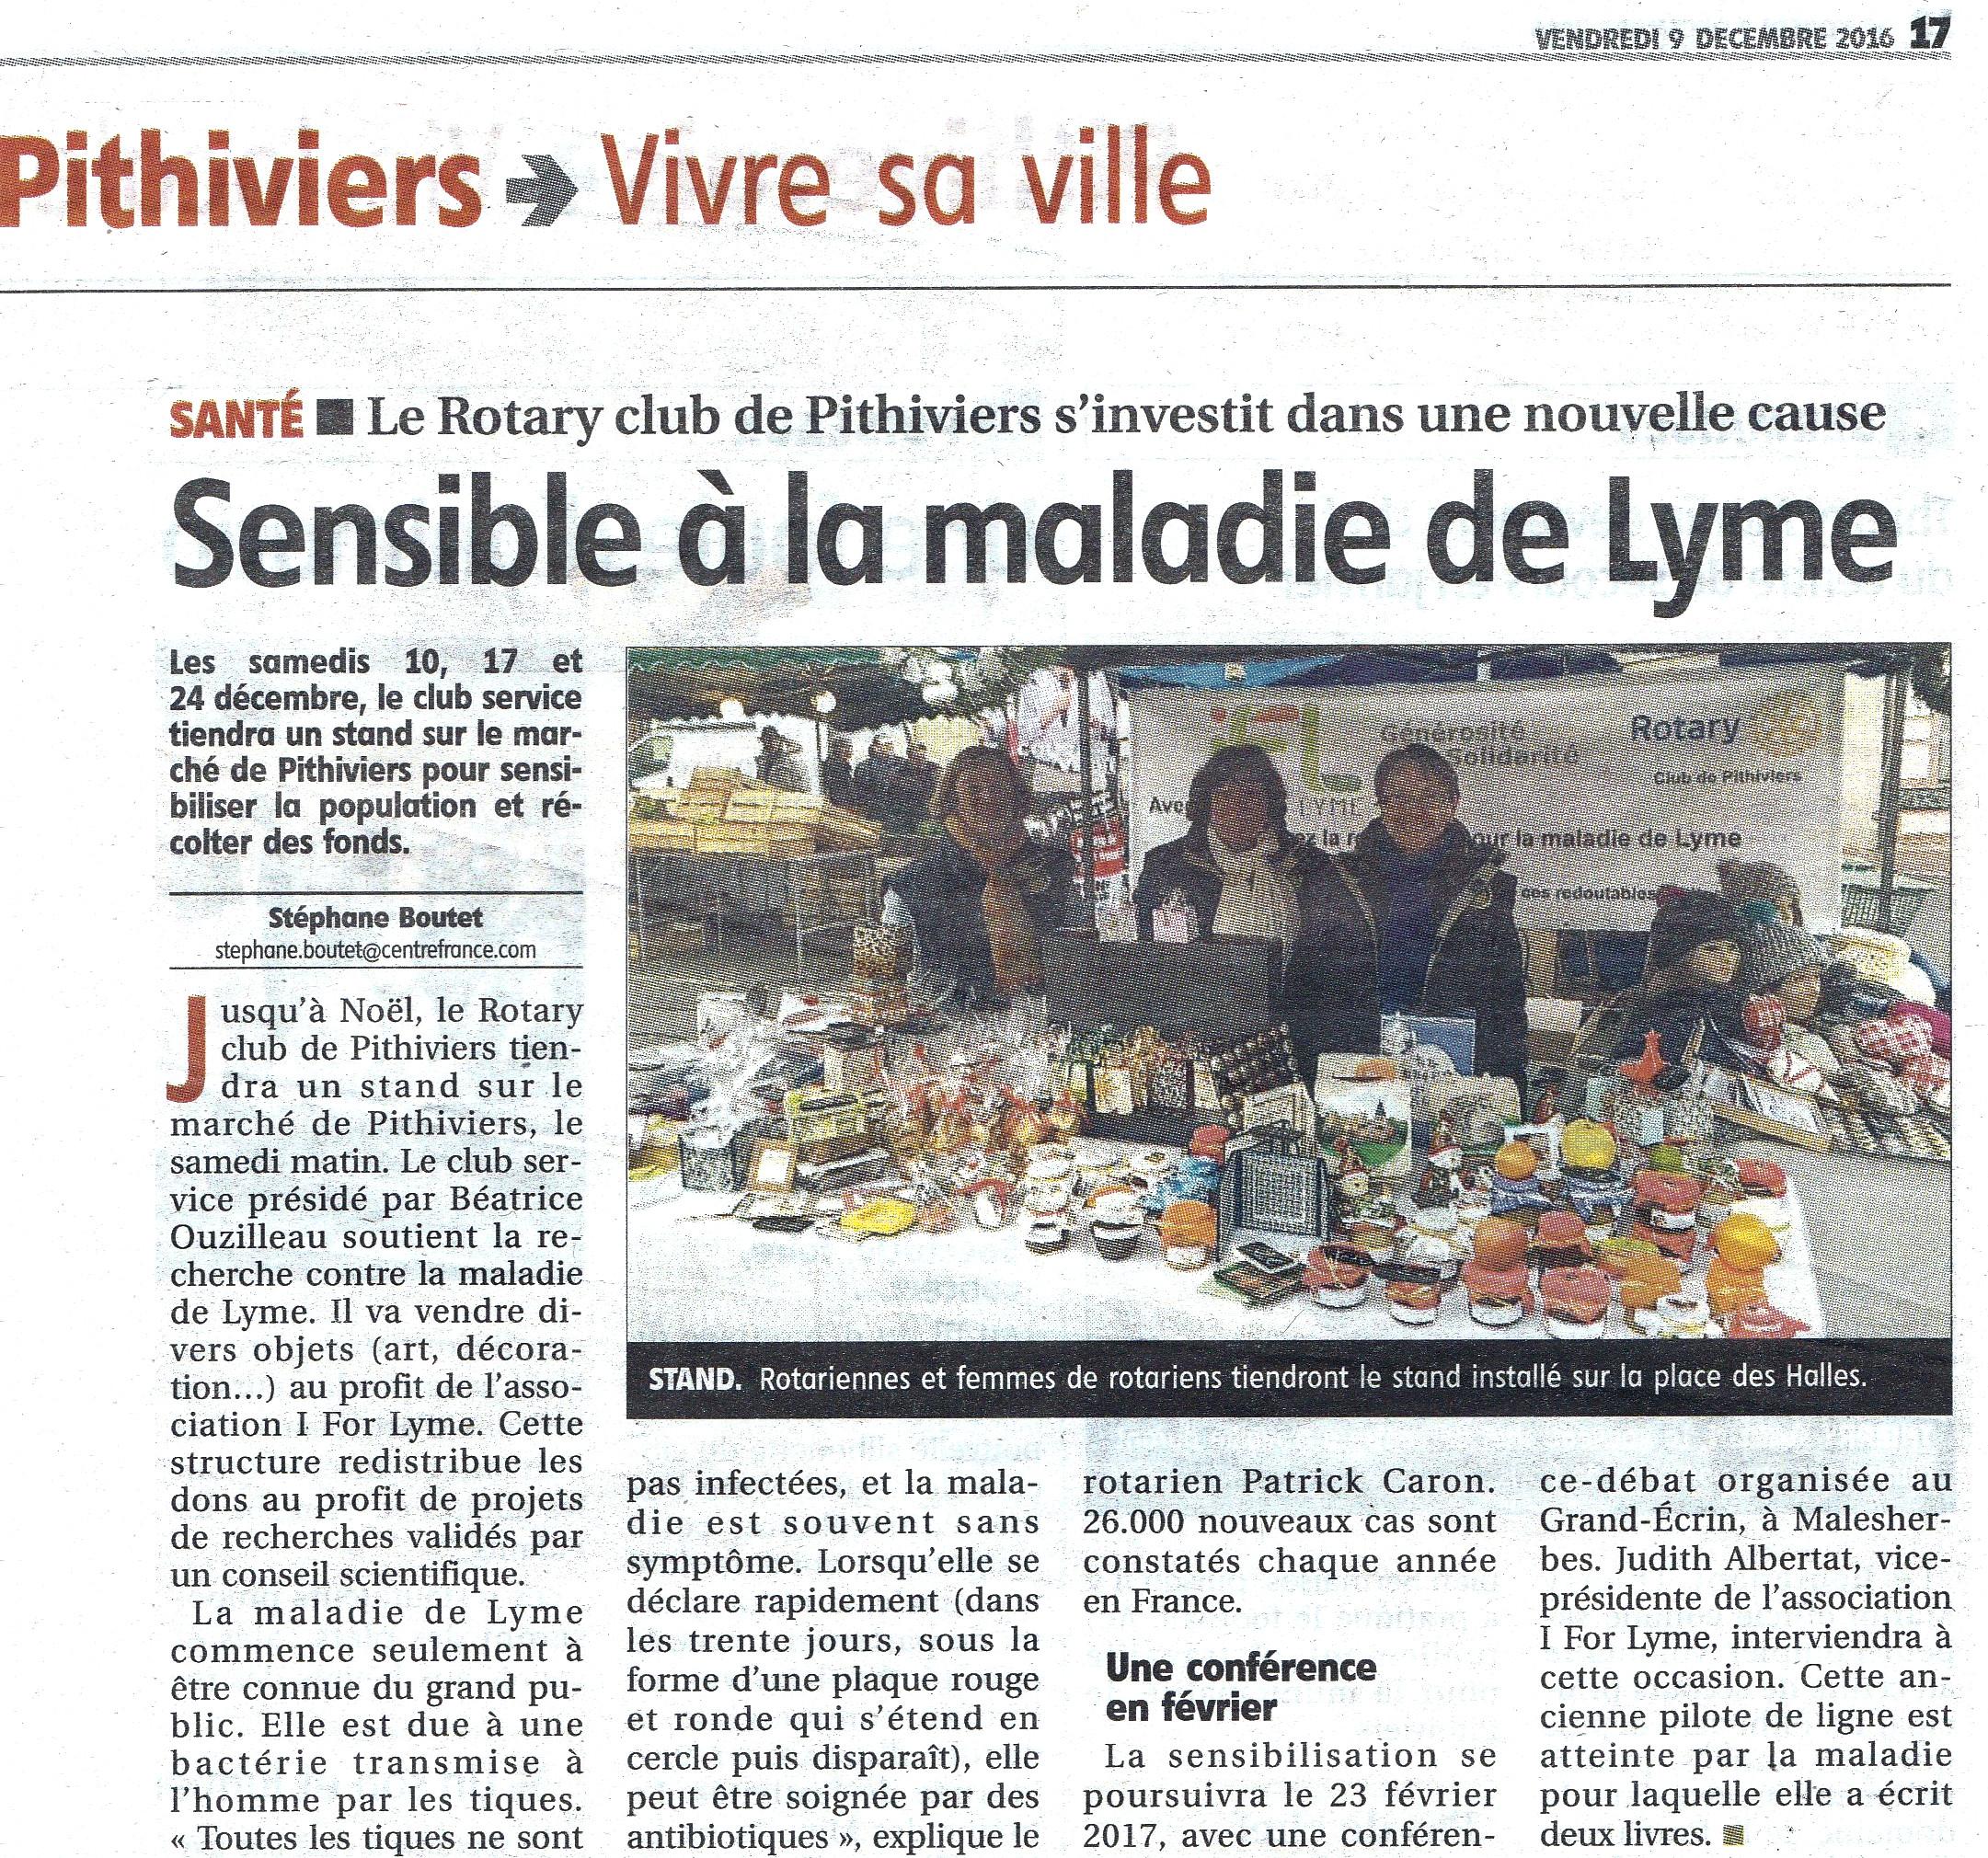 L'engagement du Rotary Club de Pithiviers aux côtés d'I FOR LYME